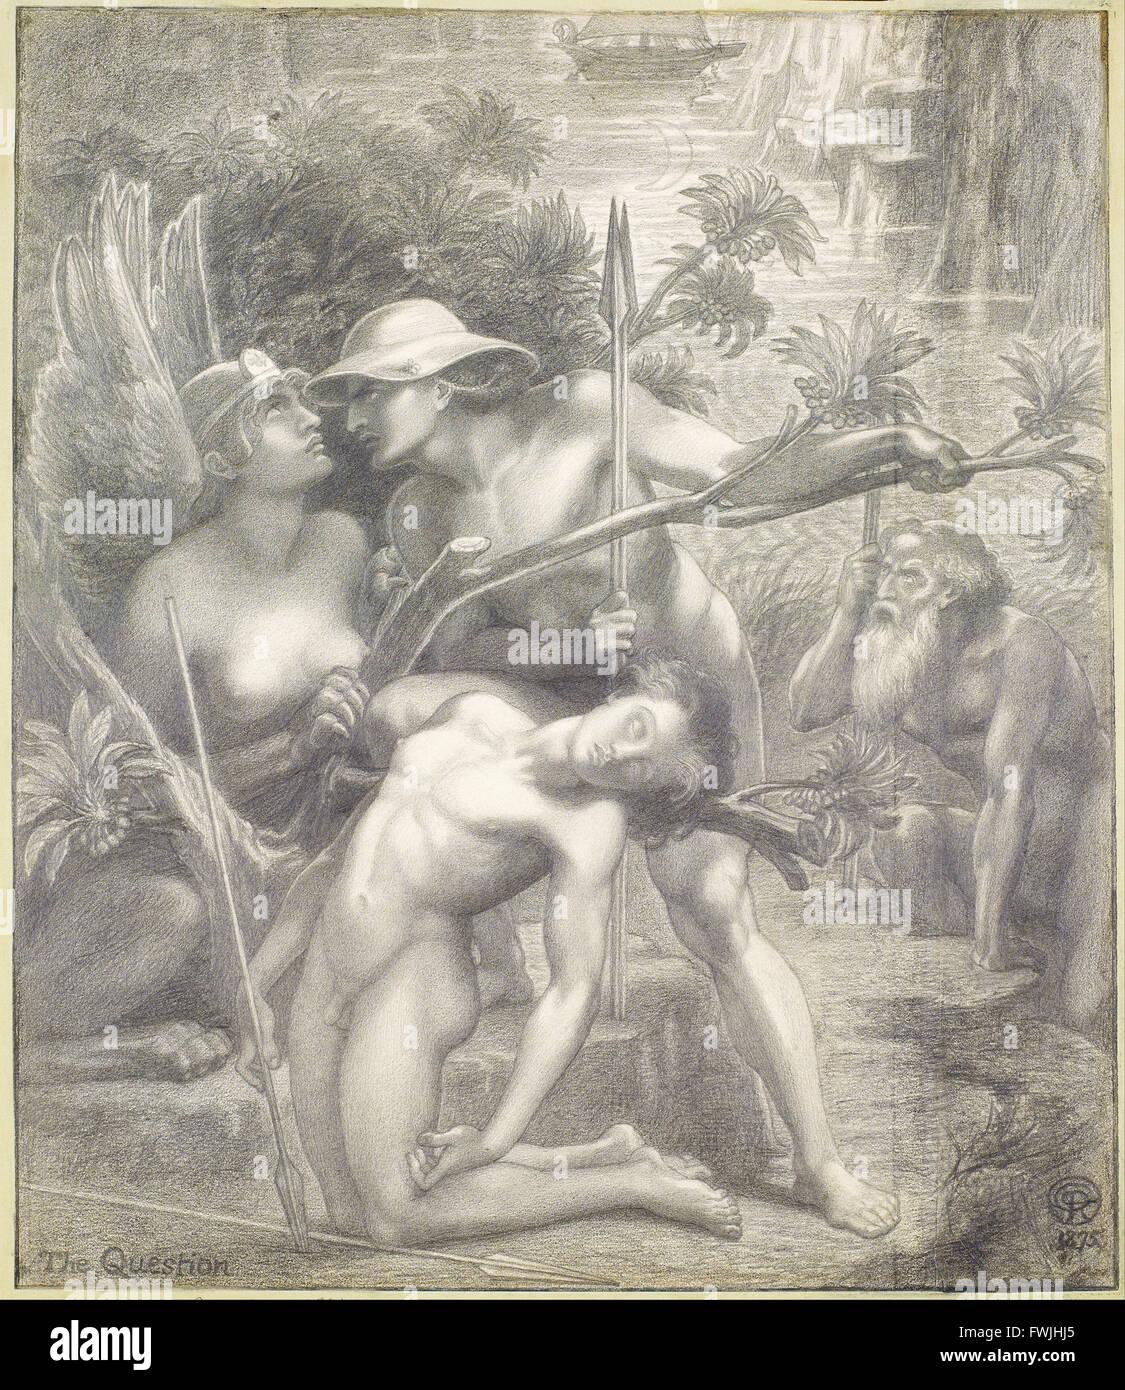 Dante Gabriel Rossetti - The Question, the Sphinx Stock Photo